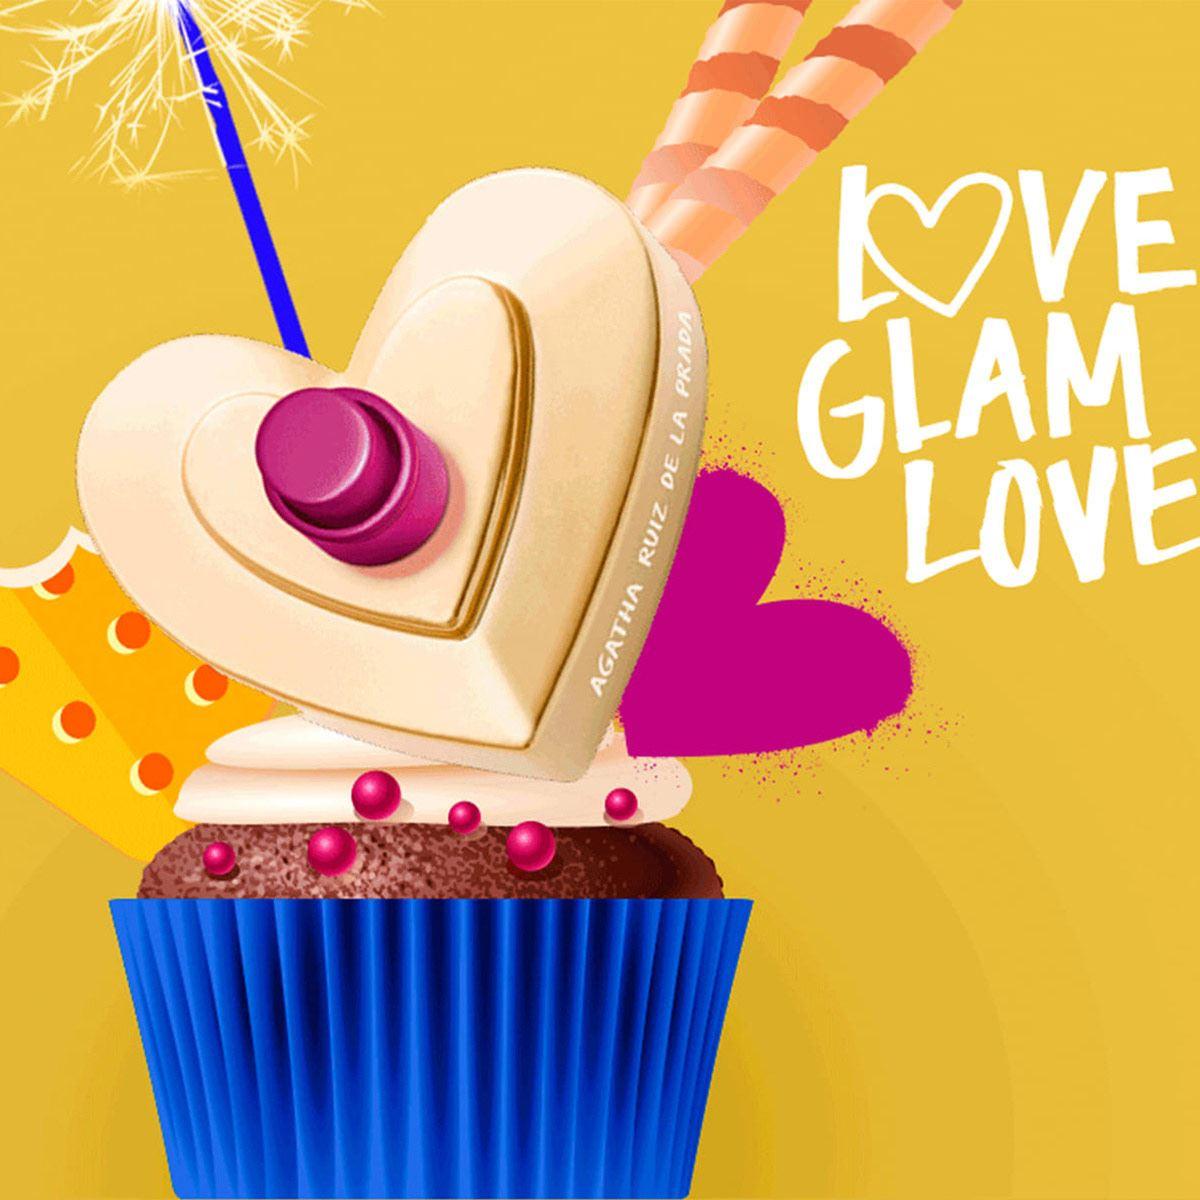 Fragancia Para Dama , Agatha Ruiz de la Prada, Love Glam Love Smoothie Collector EDT 80ML